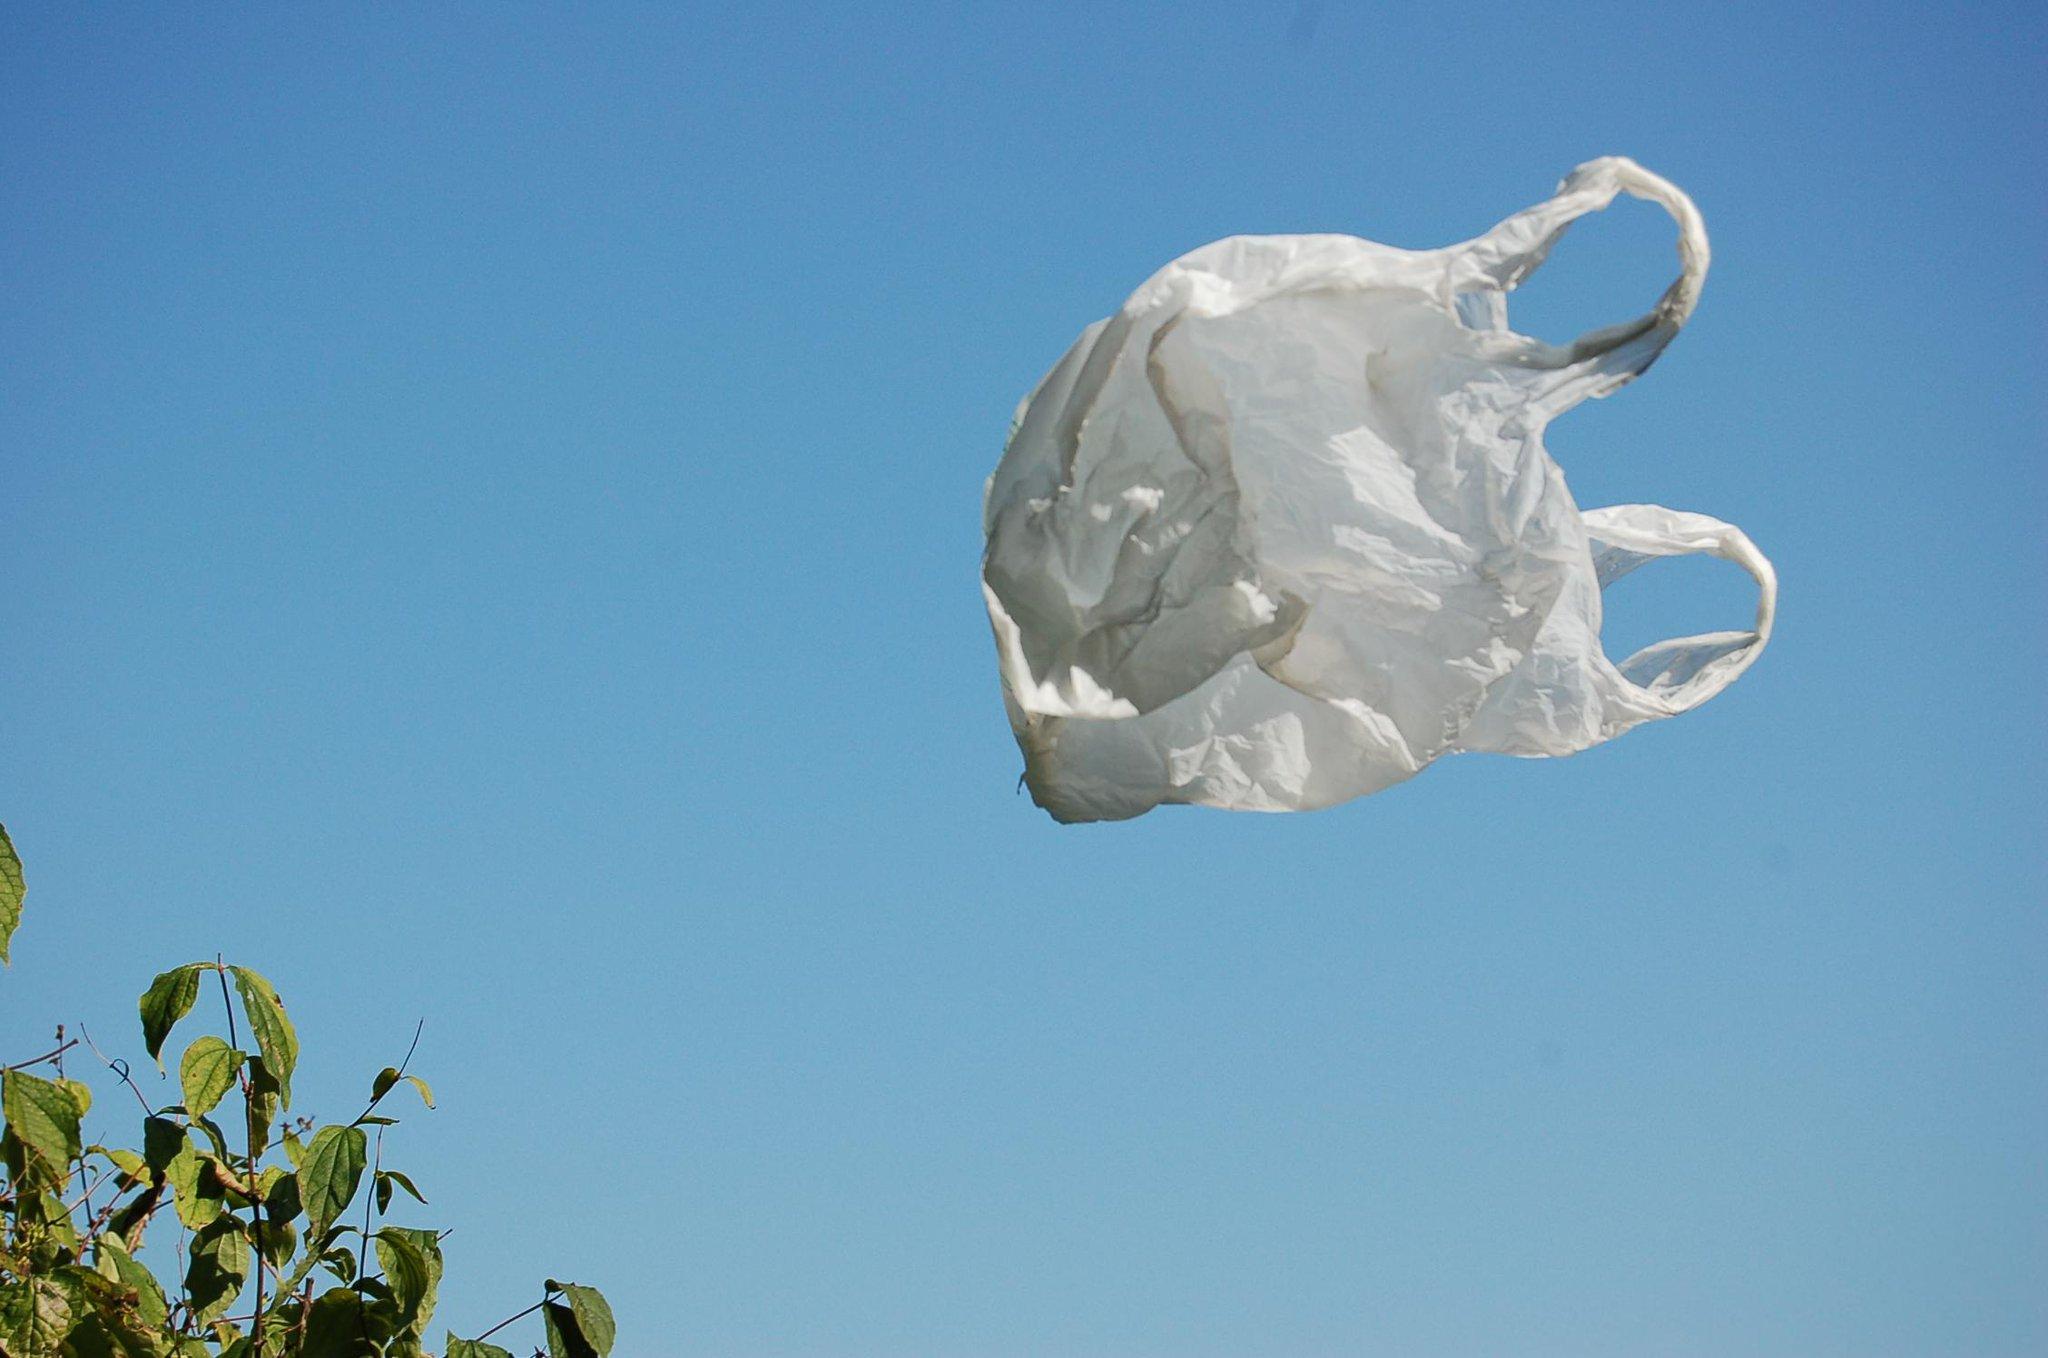 картинка воздух в пакете коллективе нашем